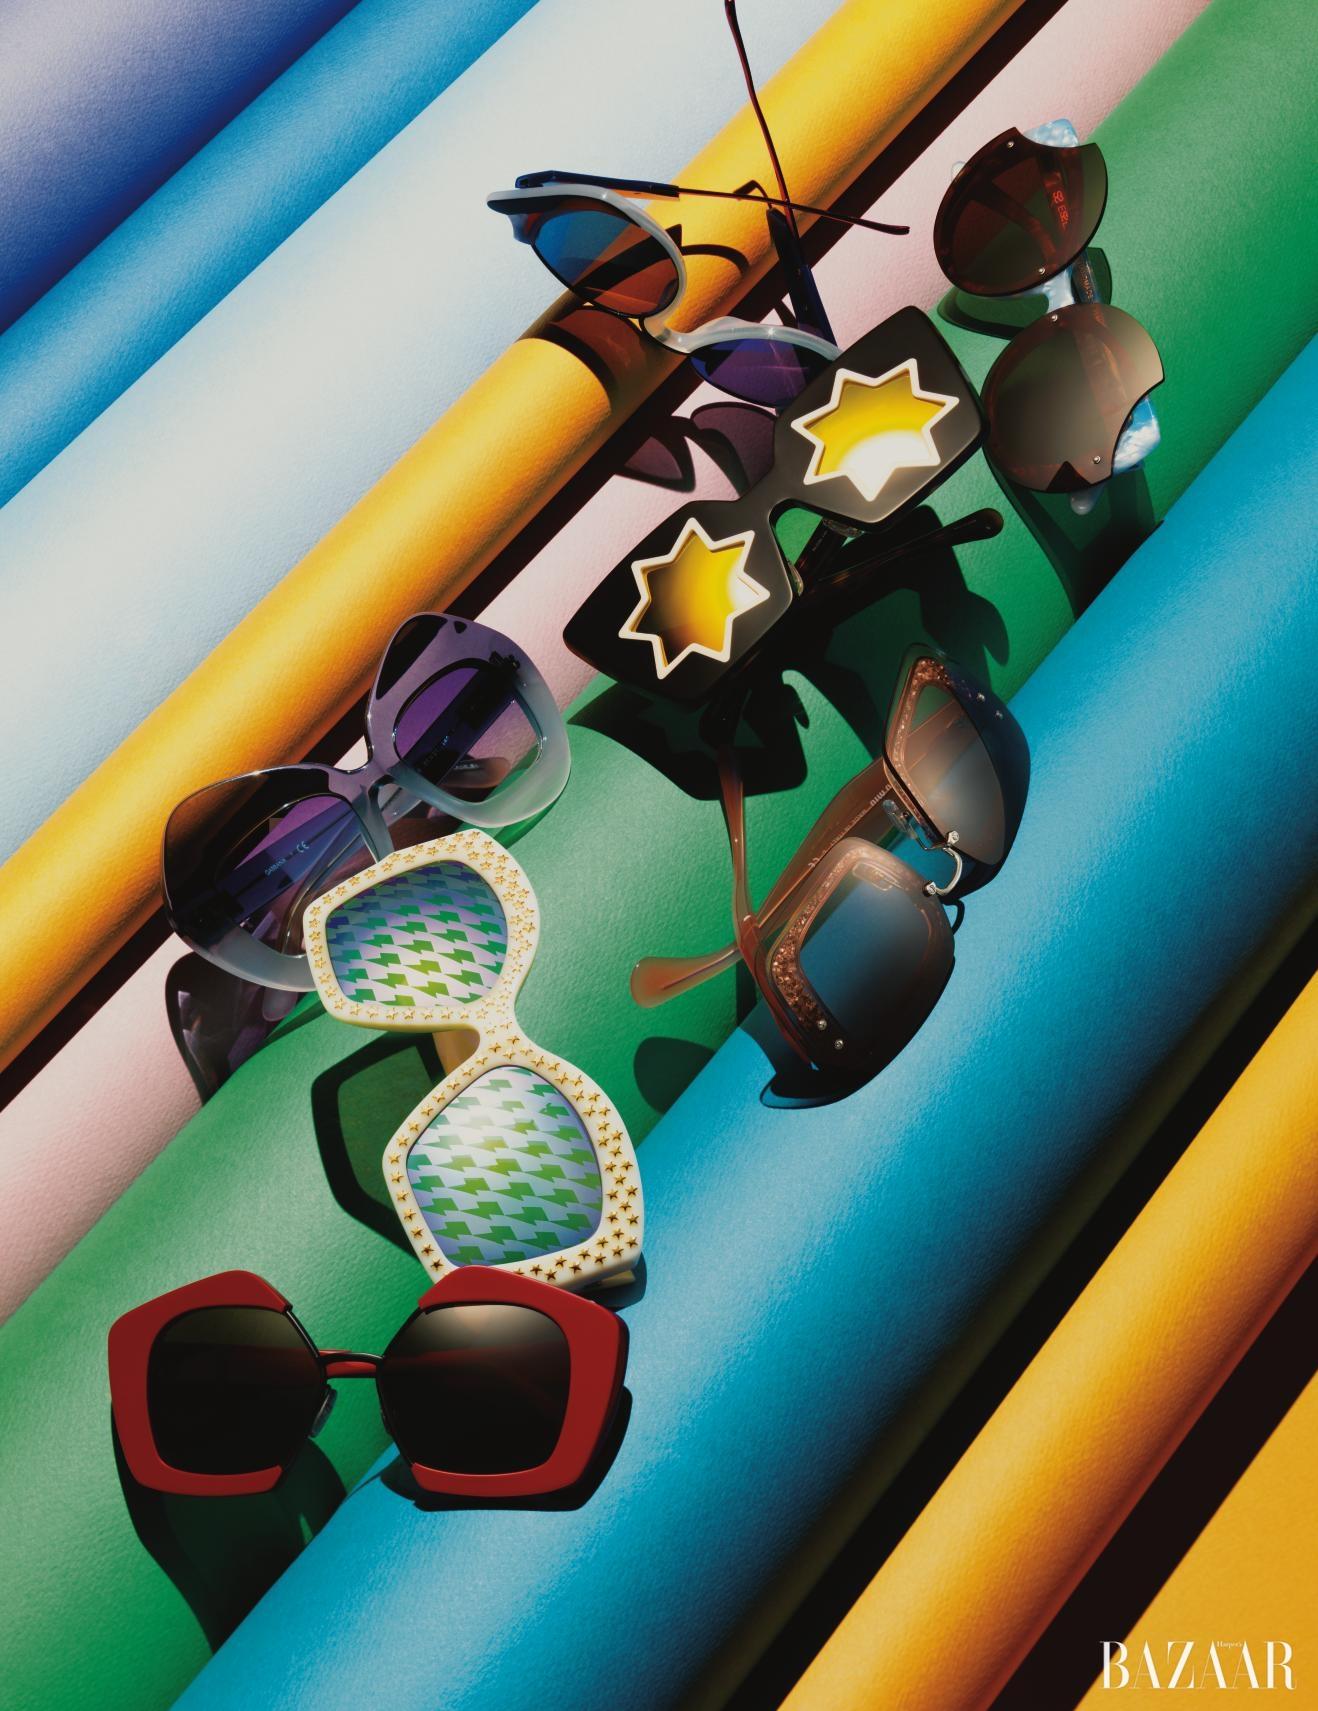 독특한 개성과 풍부한 표정을 부여해줄 유니크한 디자인의 선글라스들.